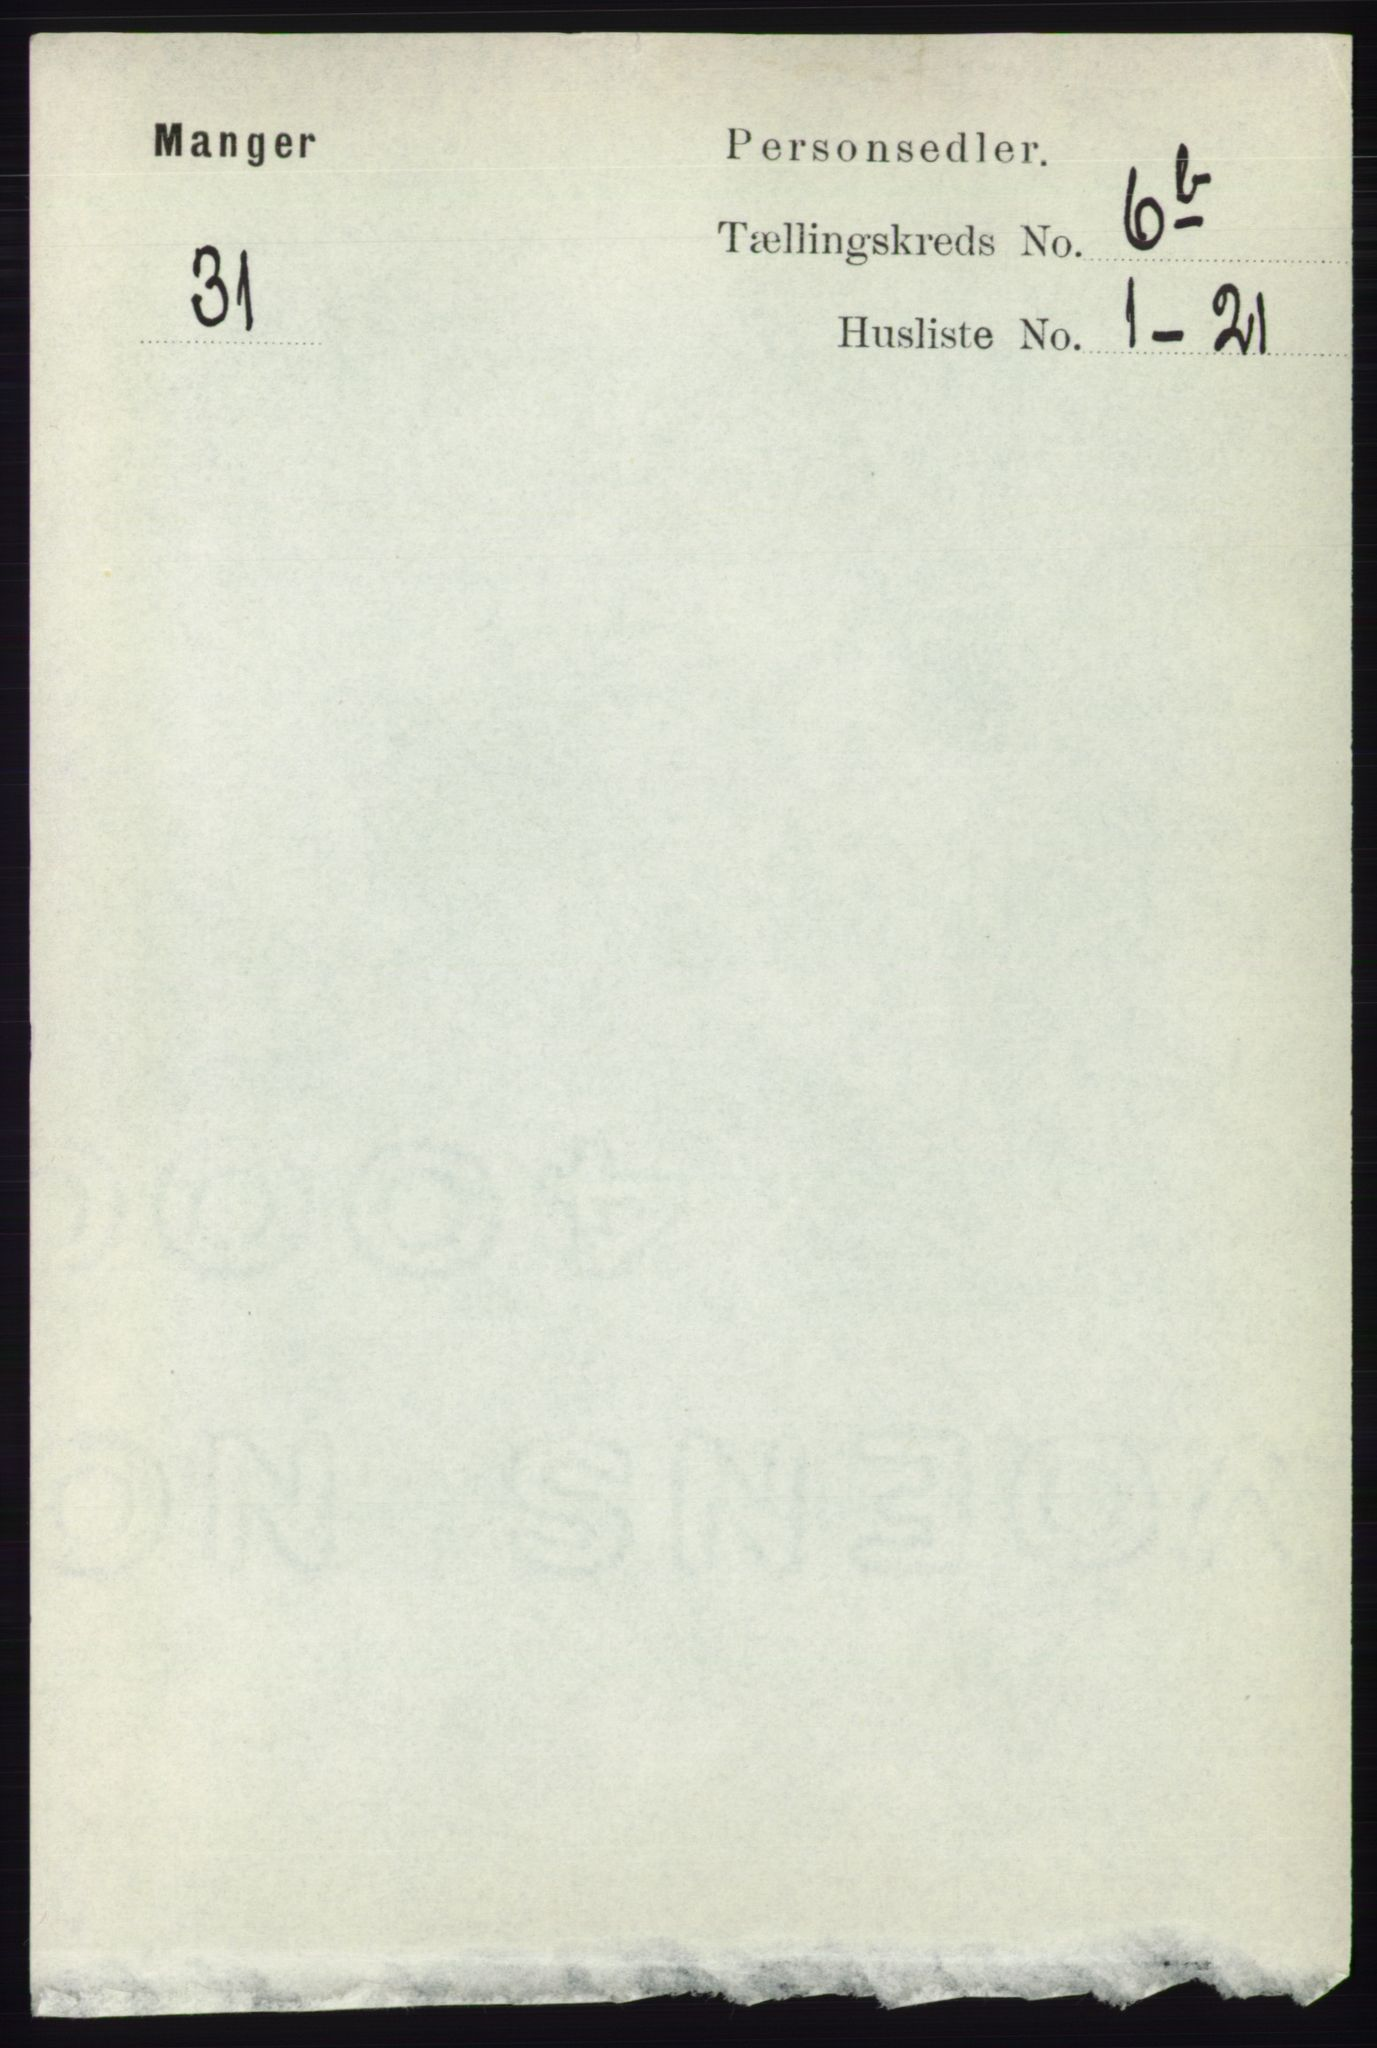 RA, Folketelling 1891 for 1261 Manger herred, 1891, s. 3990